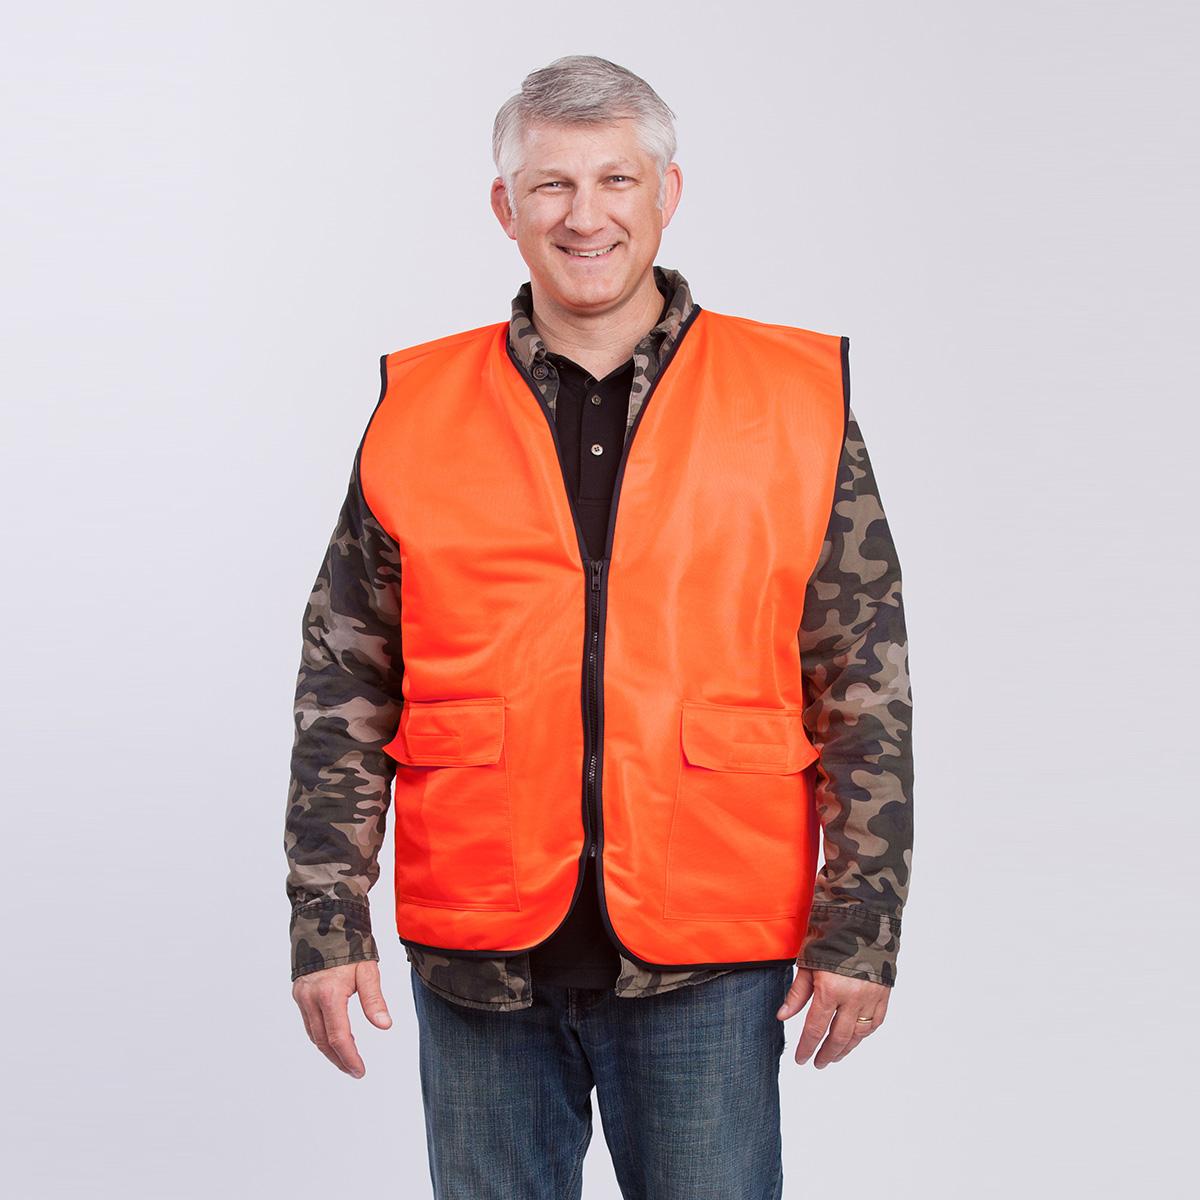 Hunting-Vest-HV-orange-front